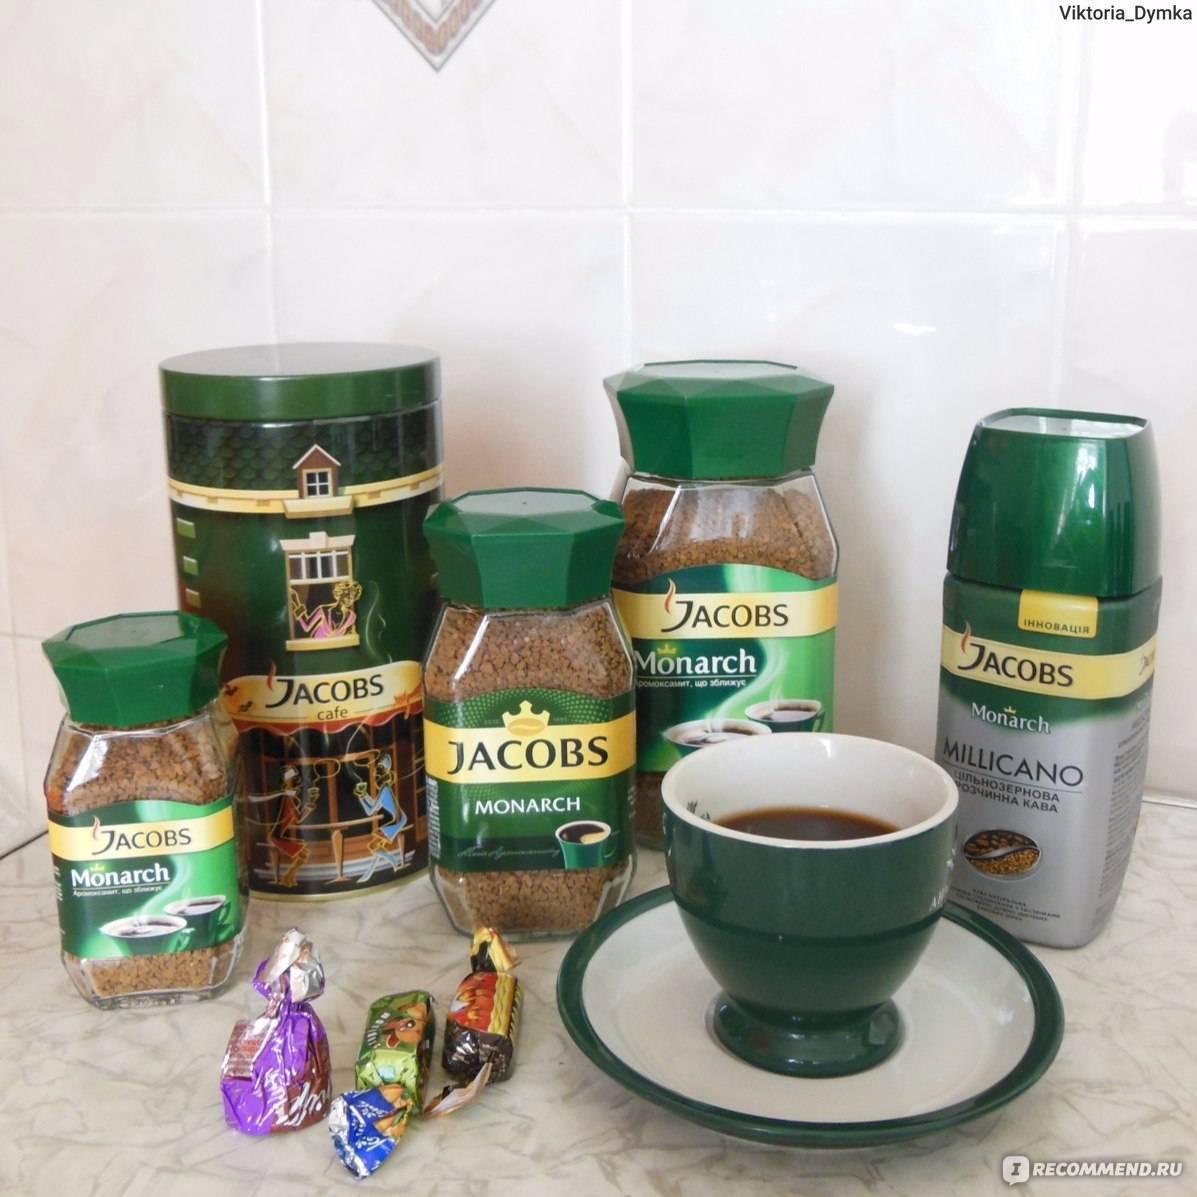 Кофе миликано якобс